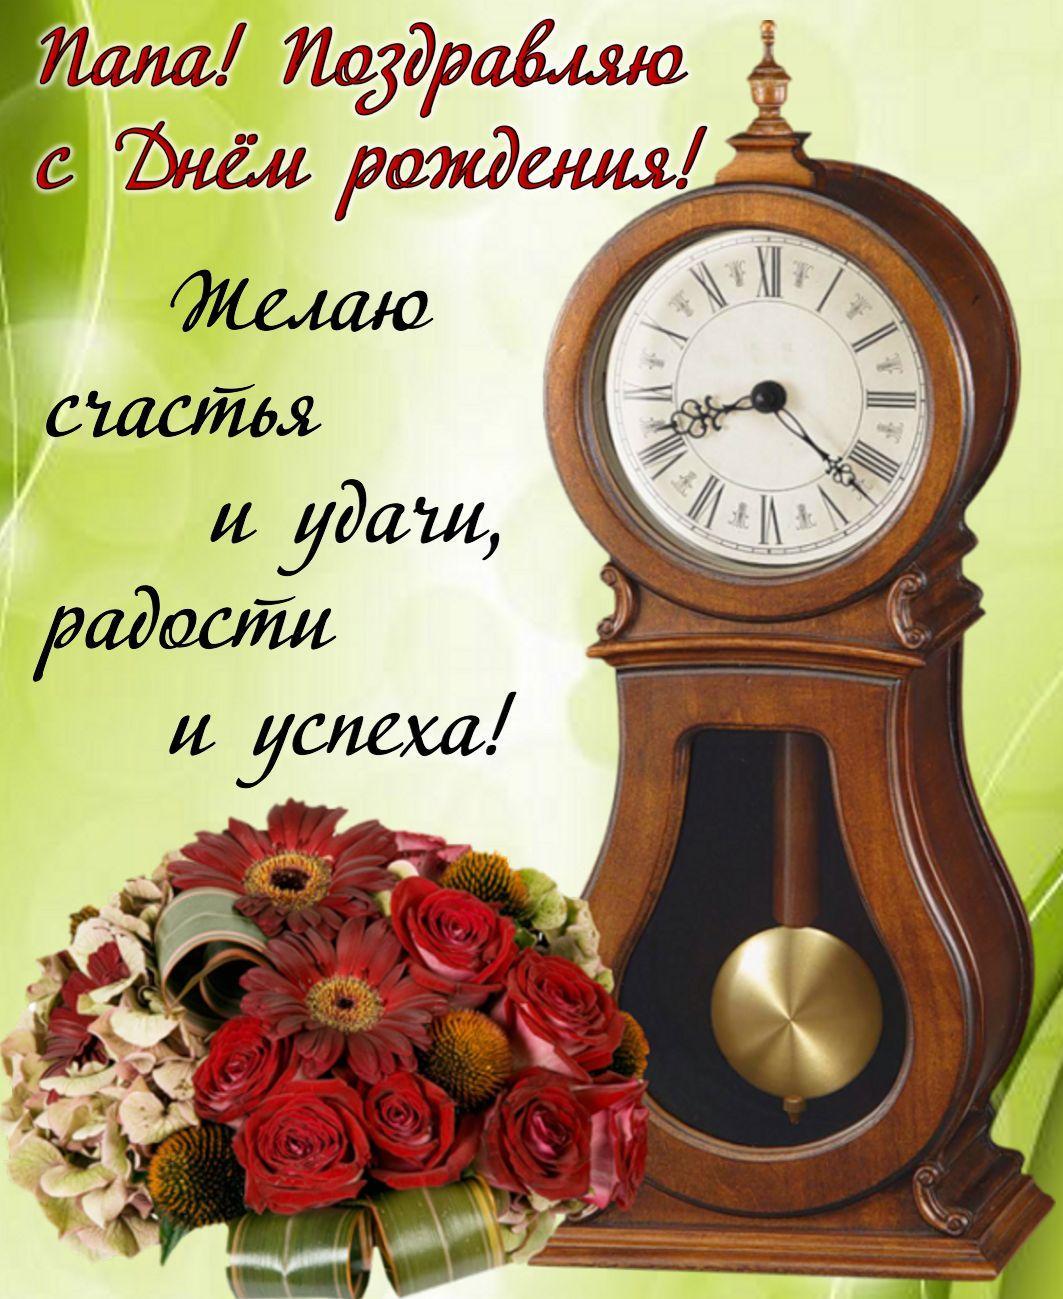 Тато з днем народження / фото bonnycards.ru